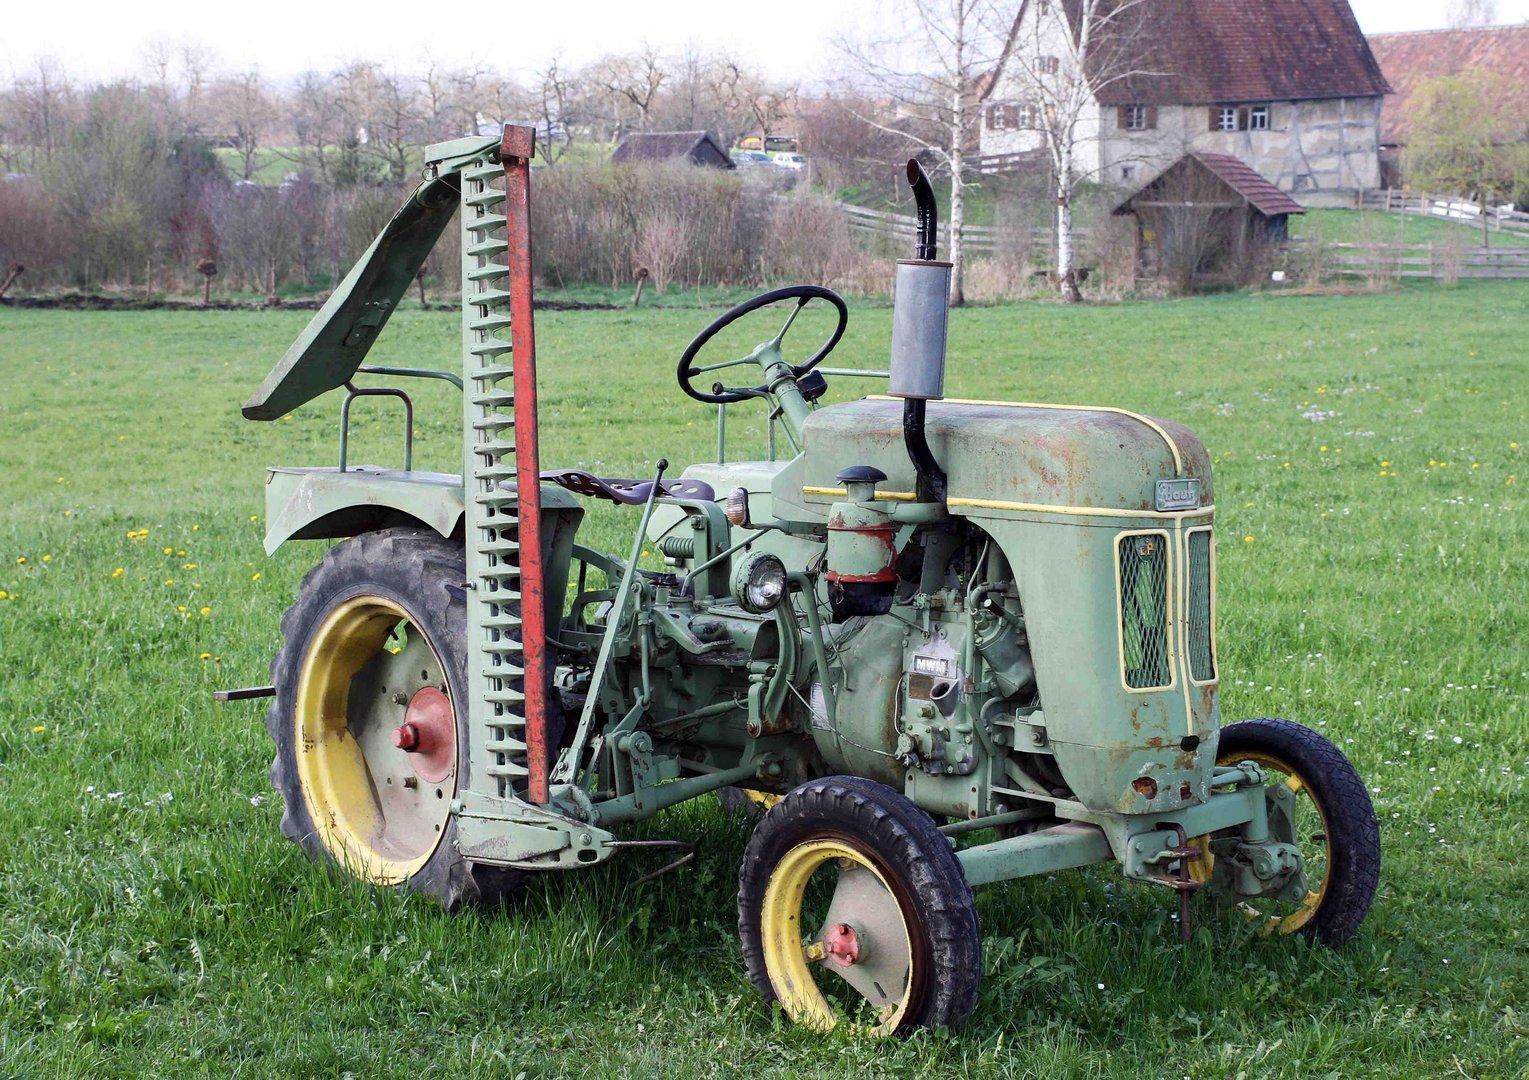 Super Alter Traktor mit Mähwerk im Bauernmuseum in Kürnbach Foto & Bild @BC_18